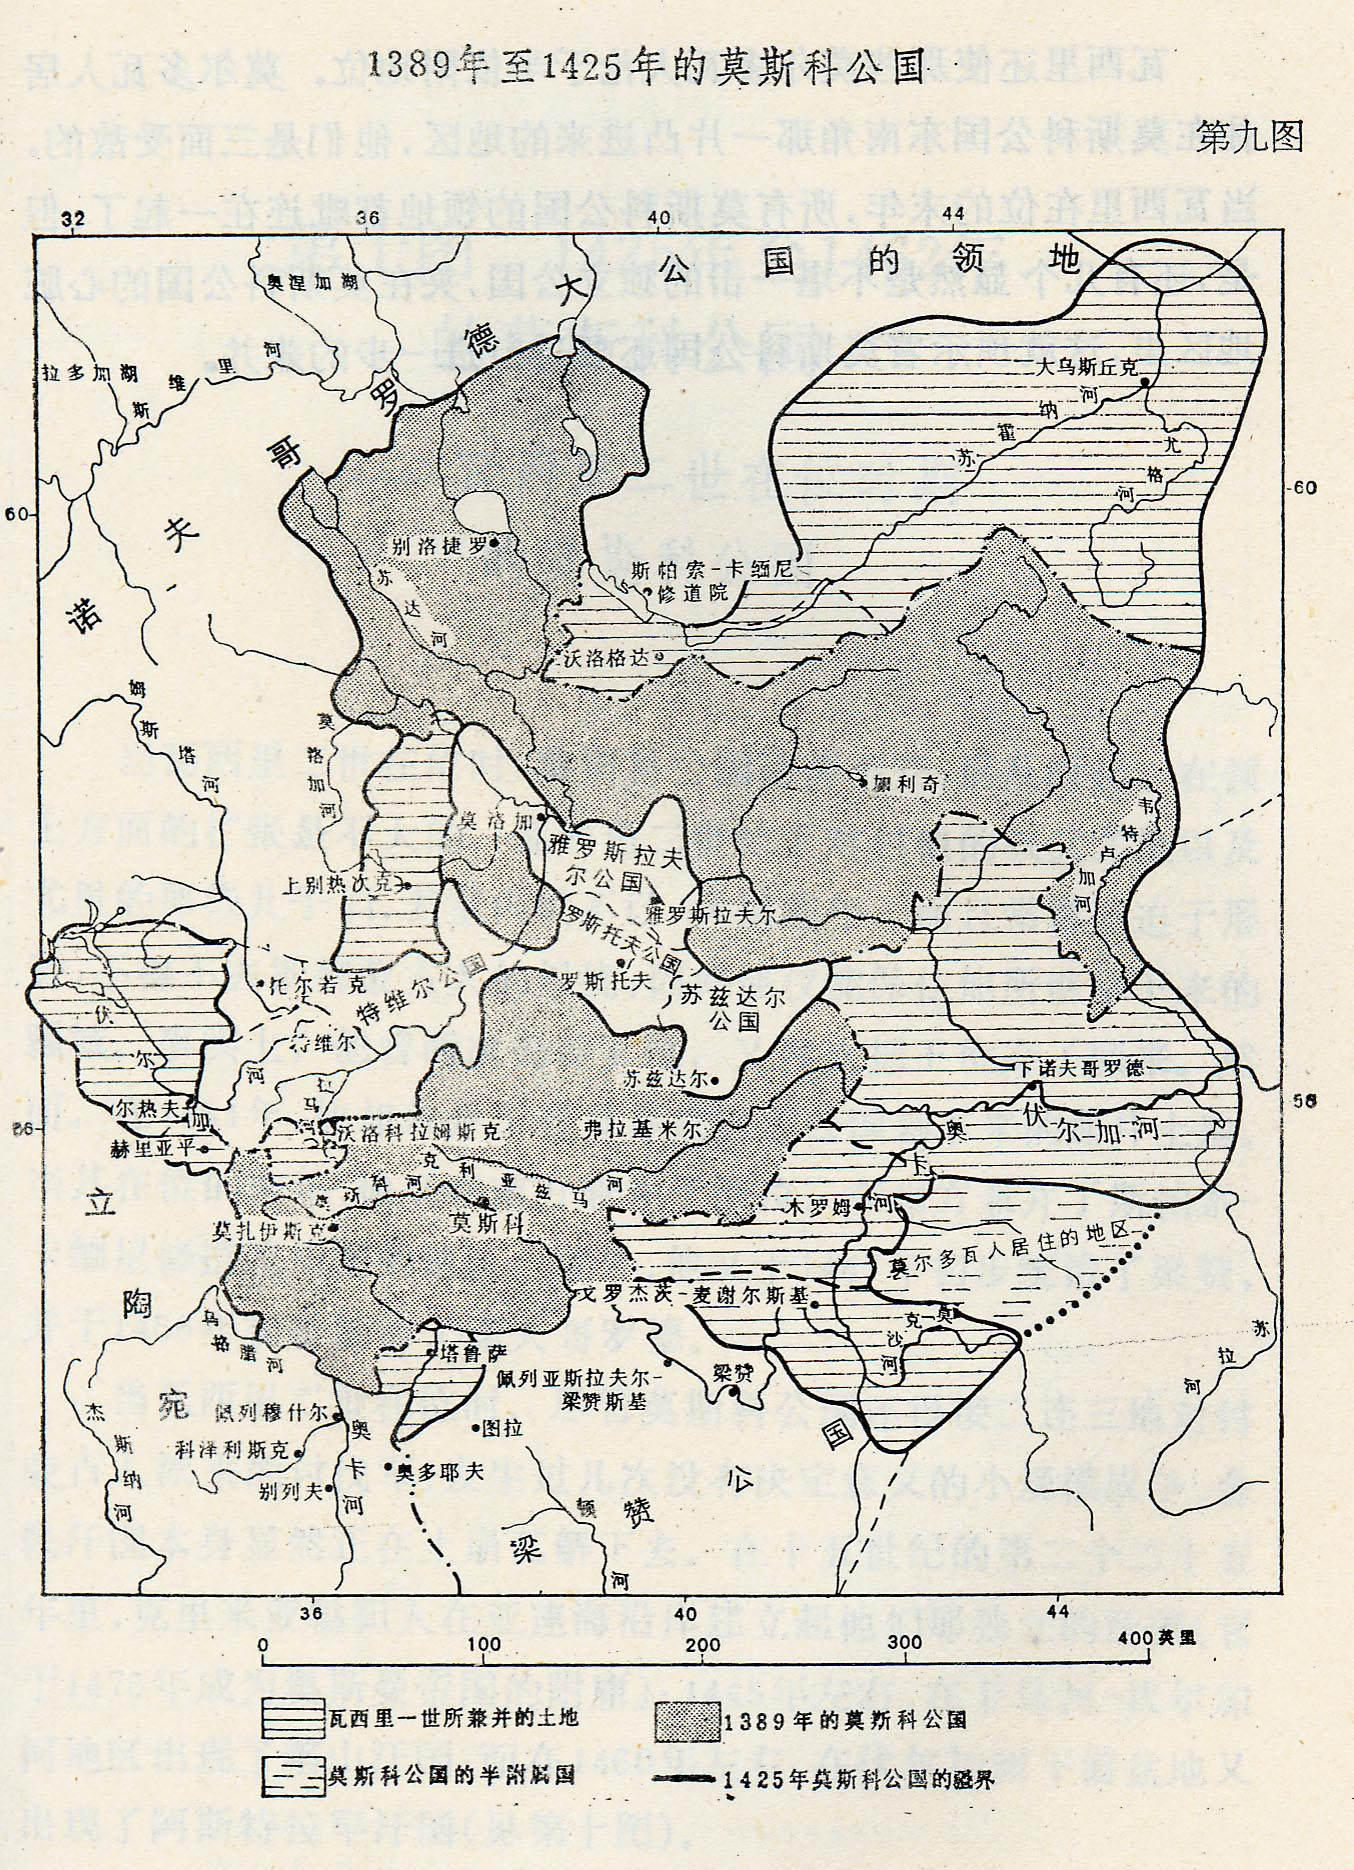 俄罗斯地图全图